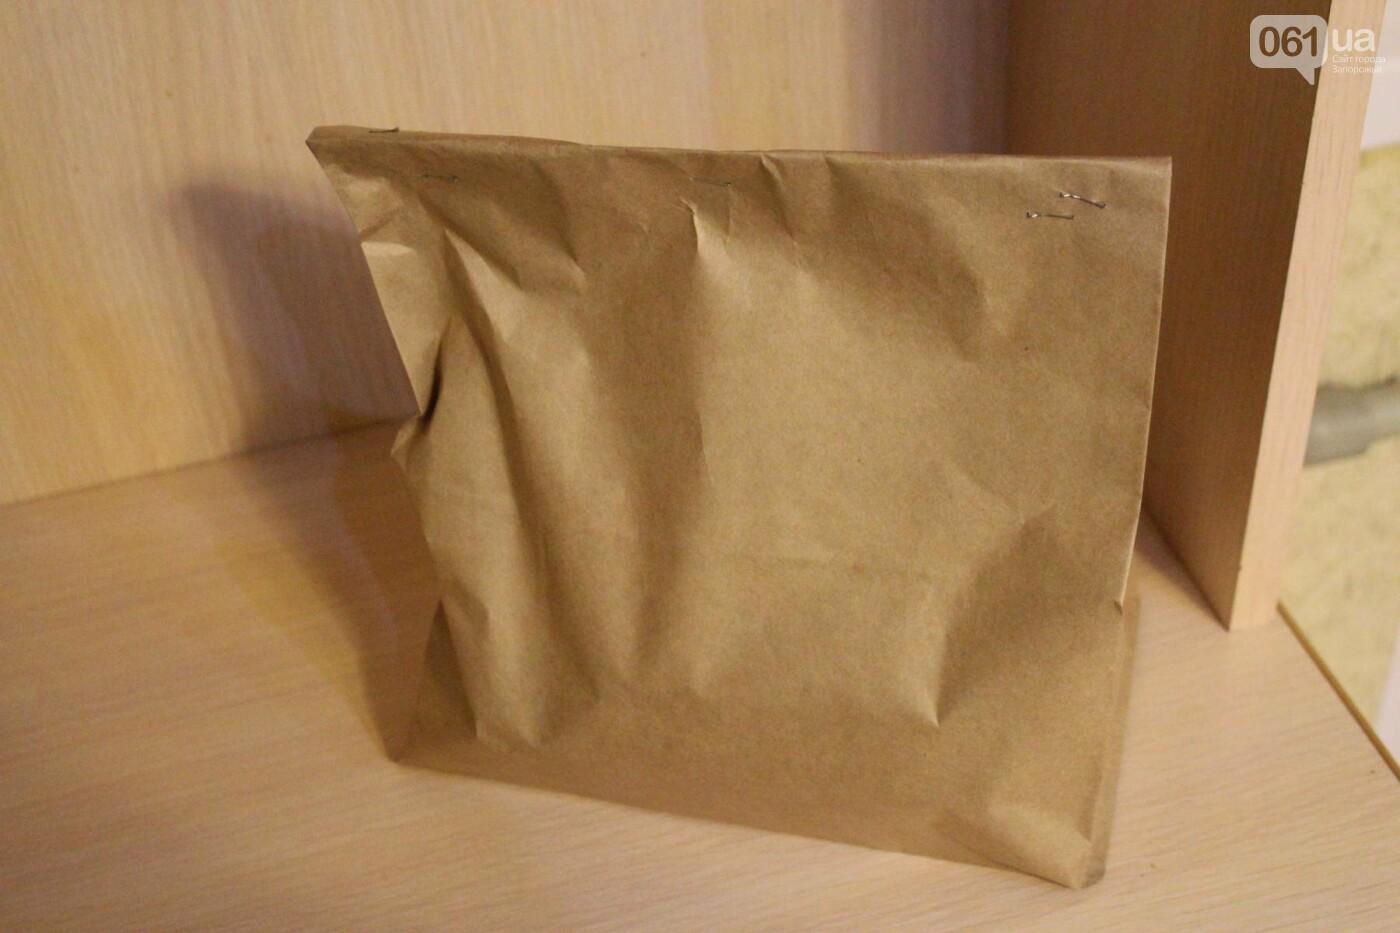 Тест-драйв доставки суши в Запорожье: 24rolls , фото-19